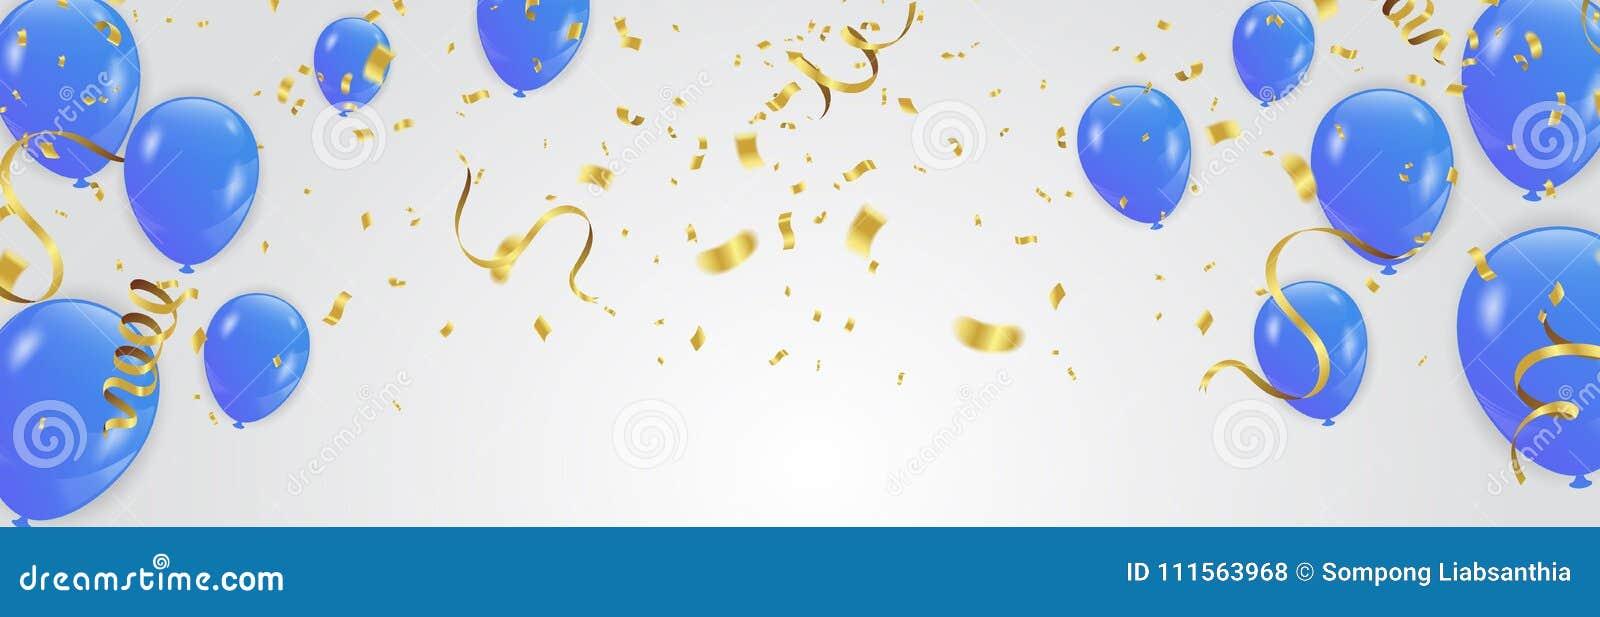 Μπλε μπαλόνια, διανυσματική απεικόνιση Υπόβαθρο εορτασμού templ